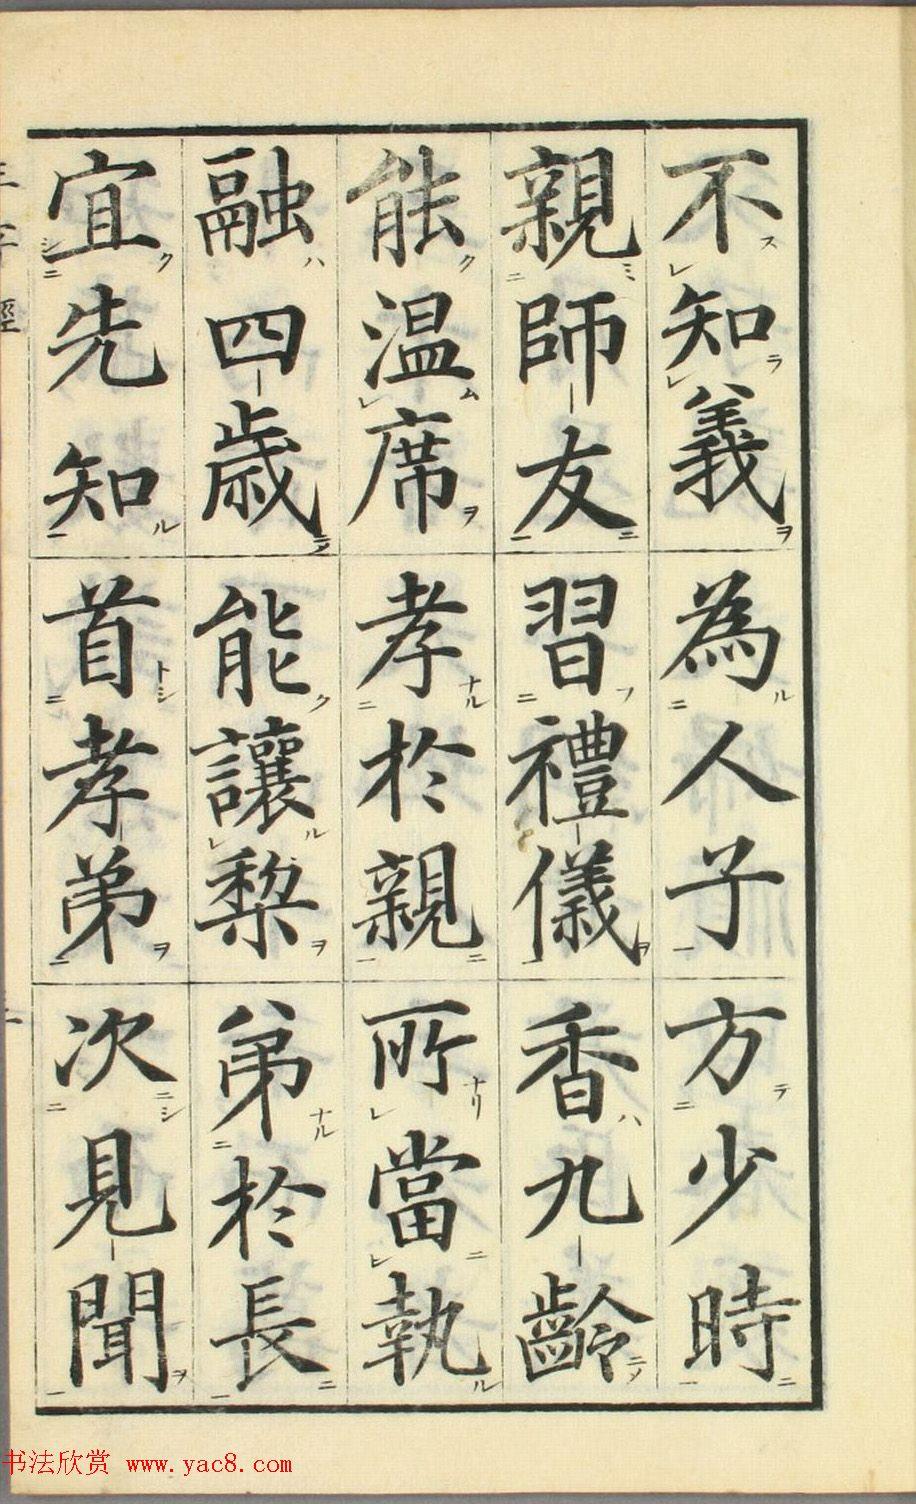 日本高桥石斋楷书大字校正三字经